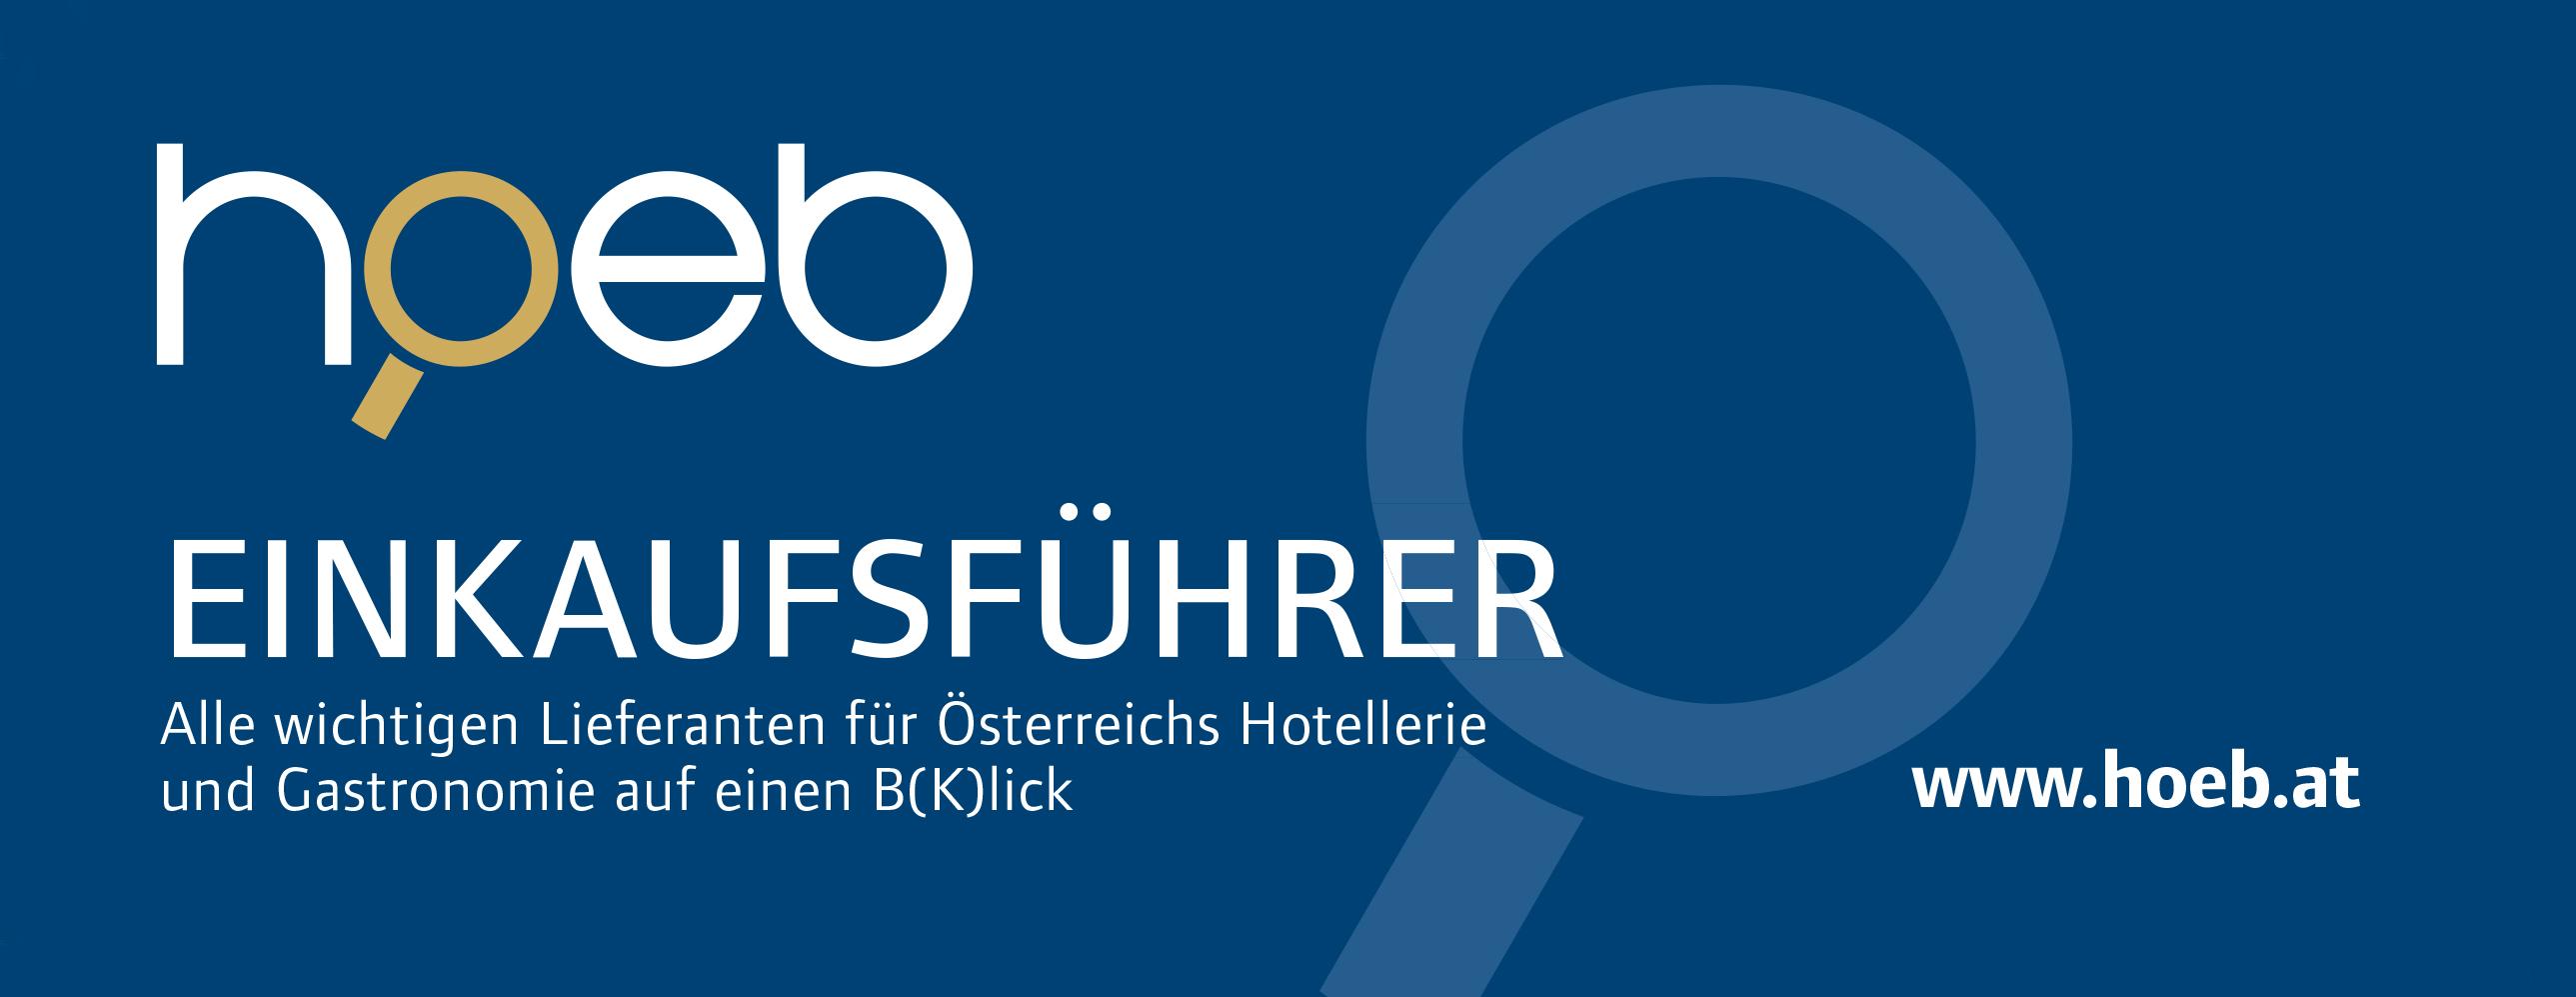 hoeb_startseite_header